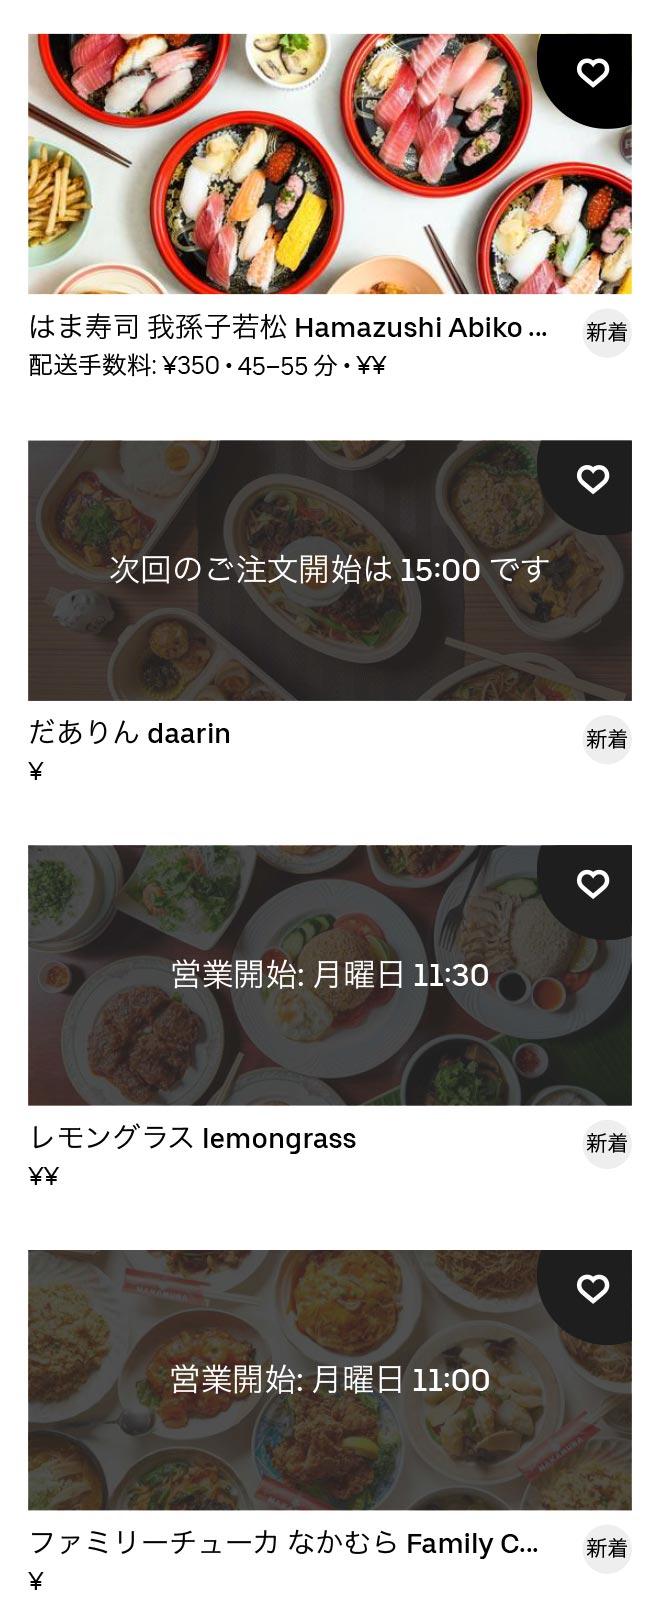 Higashi abiko menu 2011 03